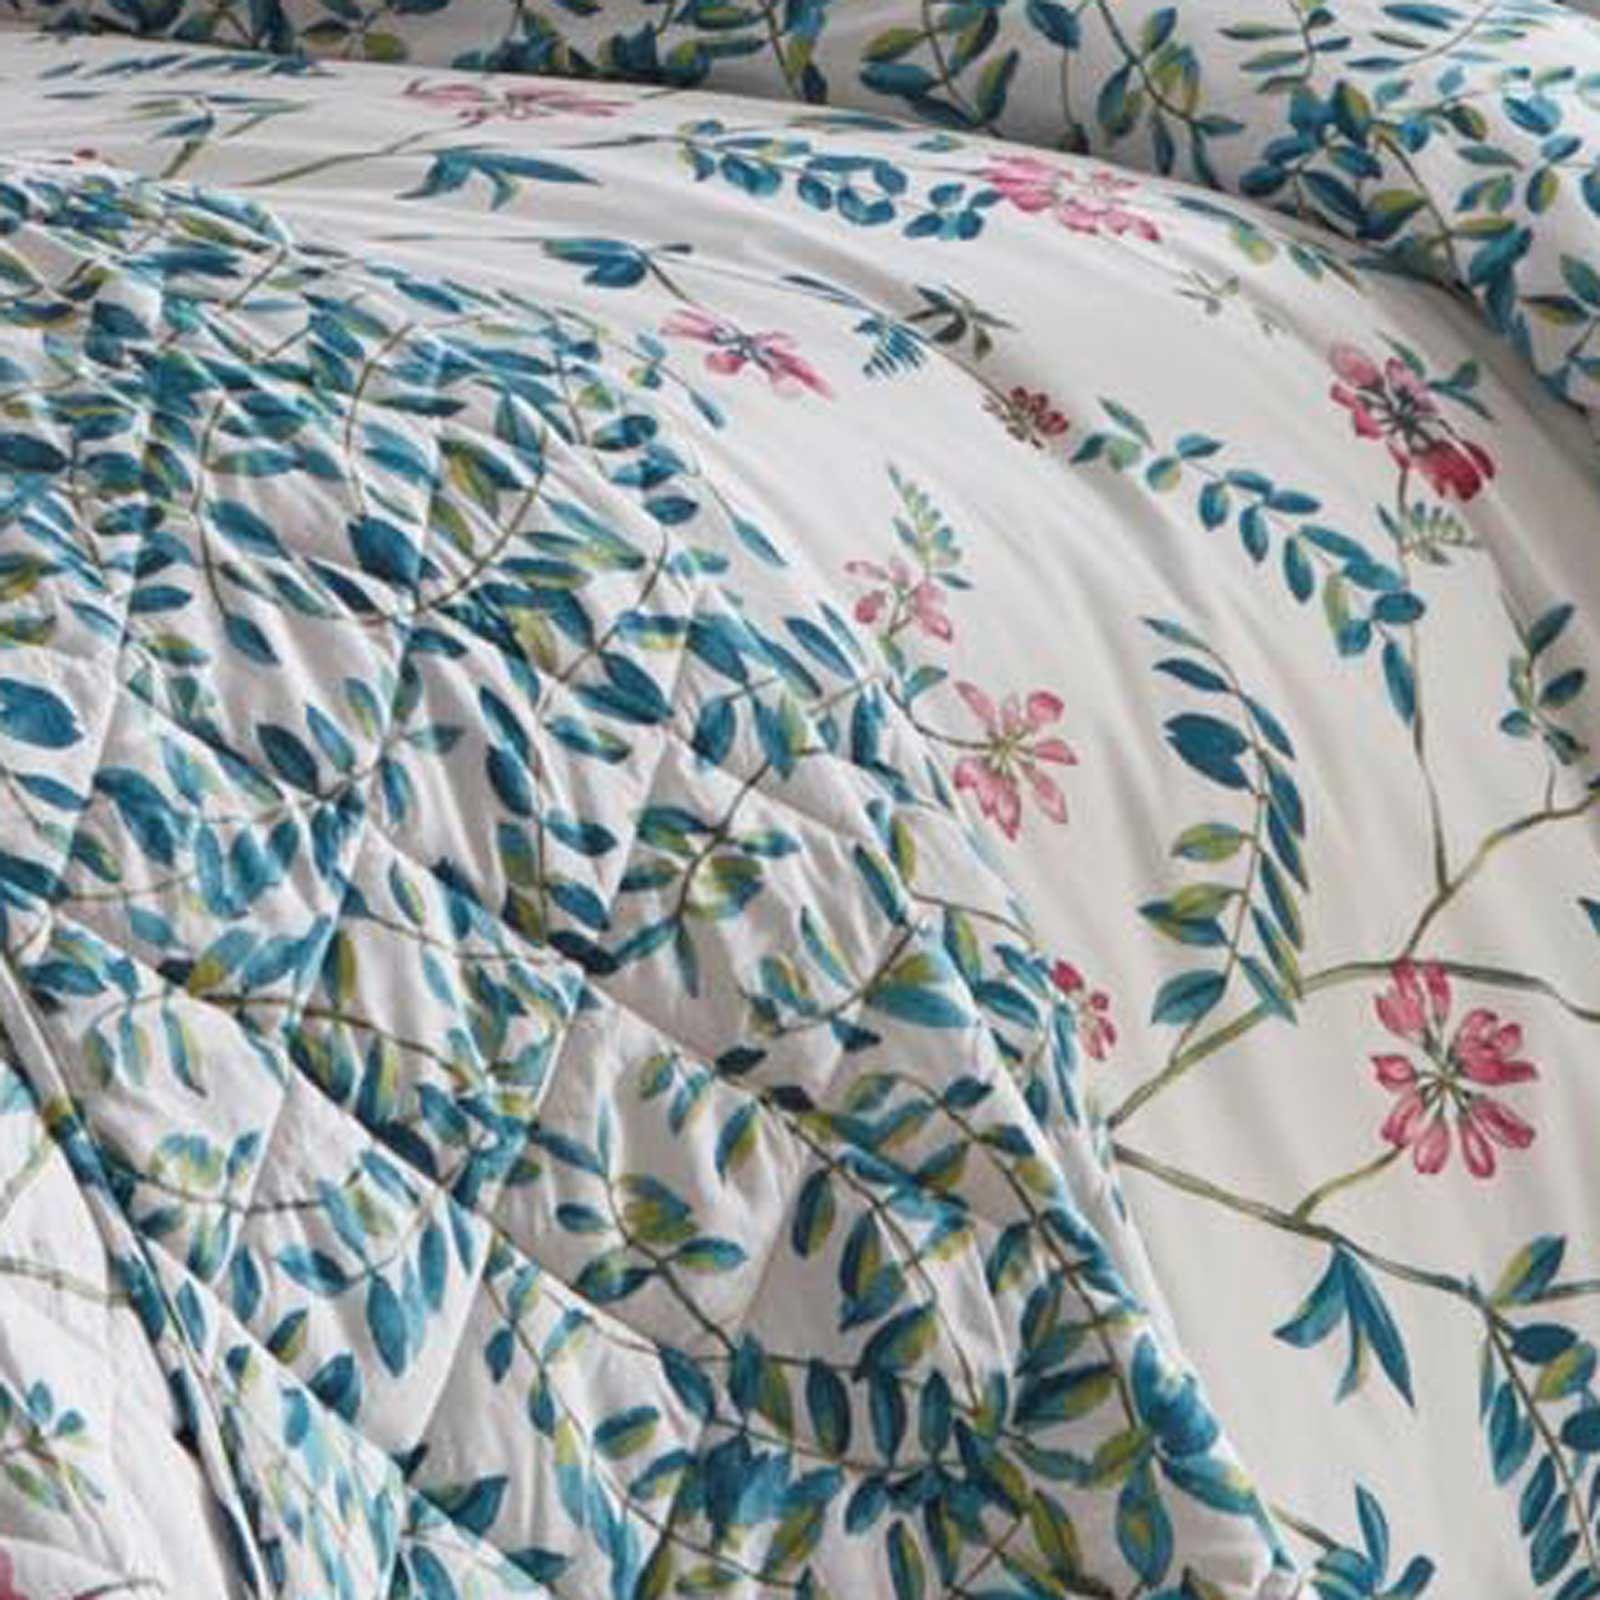 Duckegg-Funda-De-Edredon-Huevo-De-Pato-Verde-Azulado-Estampado-Conjunto-de-algodon-para-edredon miniatura 24